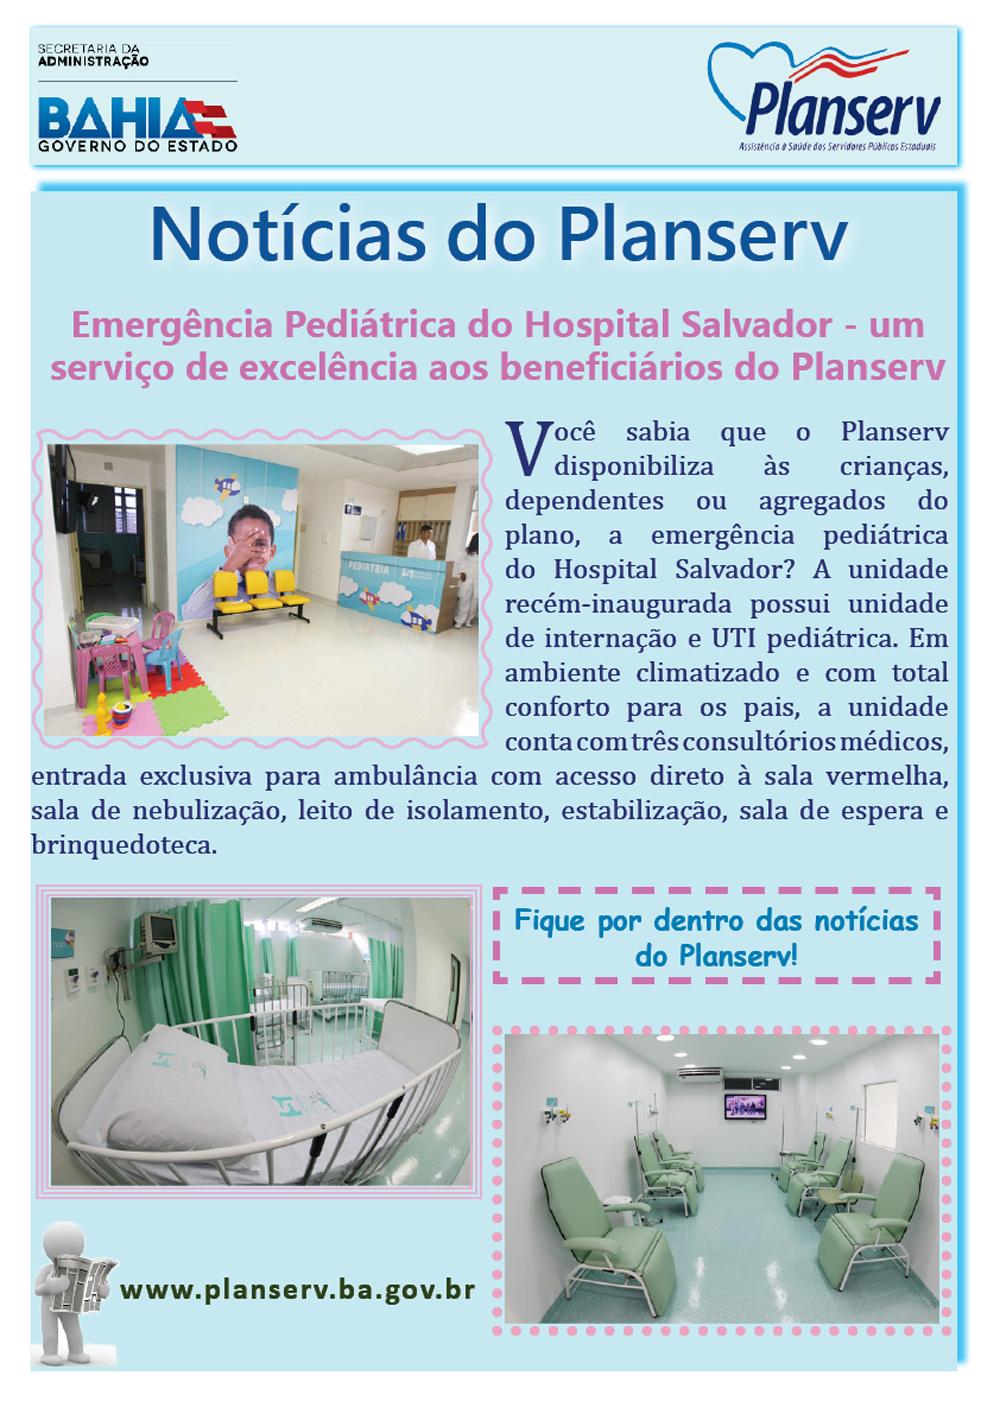 BOLETIM NOTÍCIAS DO PLANSERV - EMERGÊNCIA PEDIÁTRICA